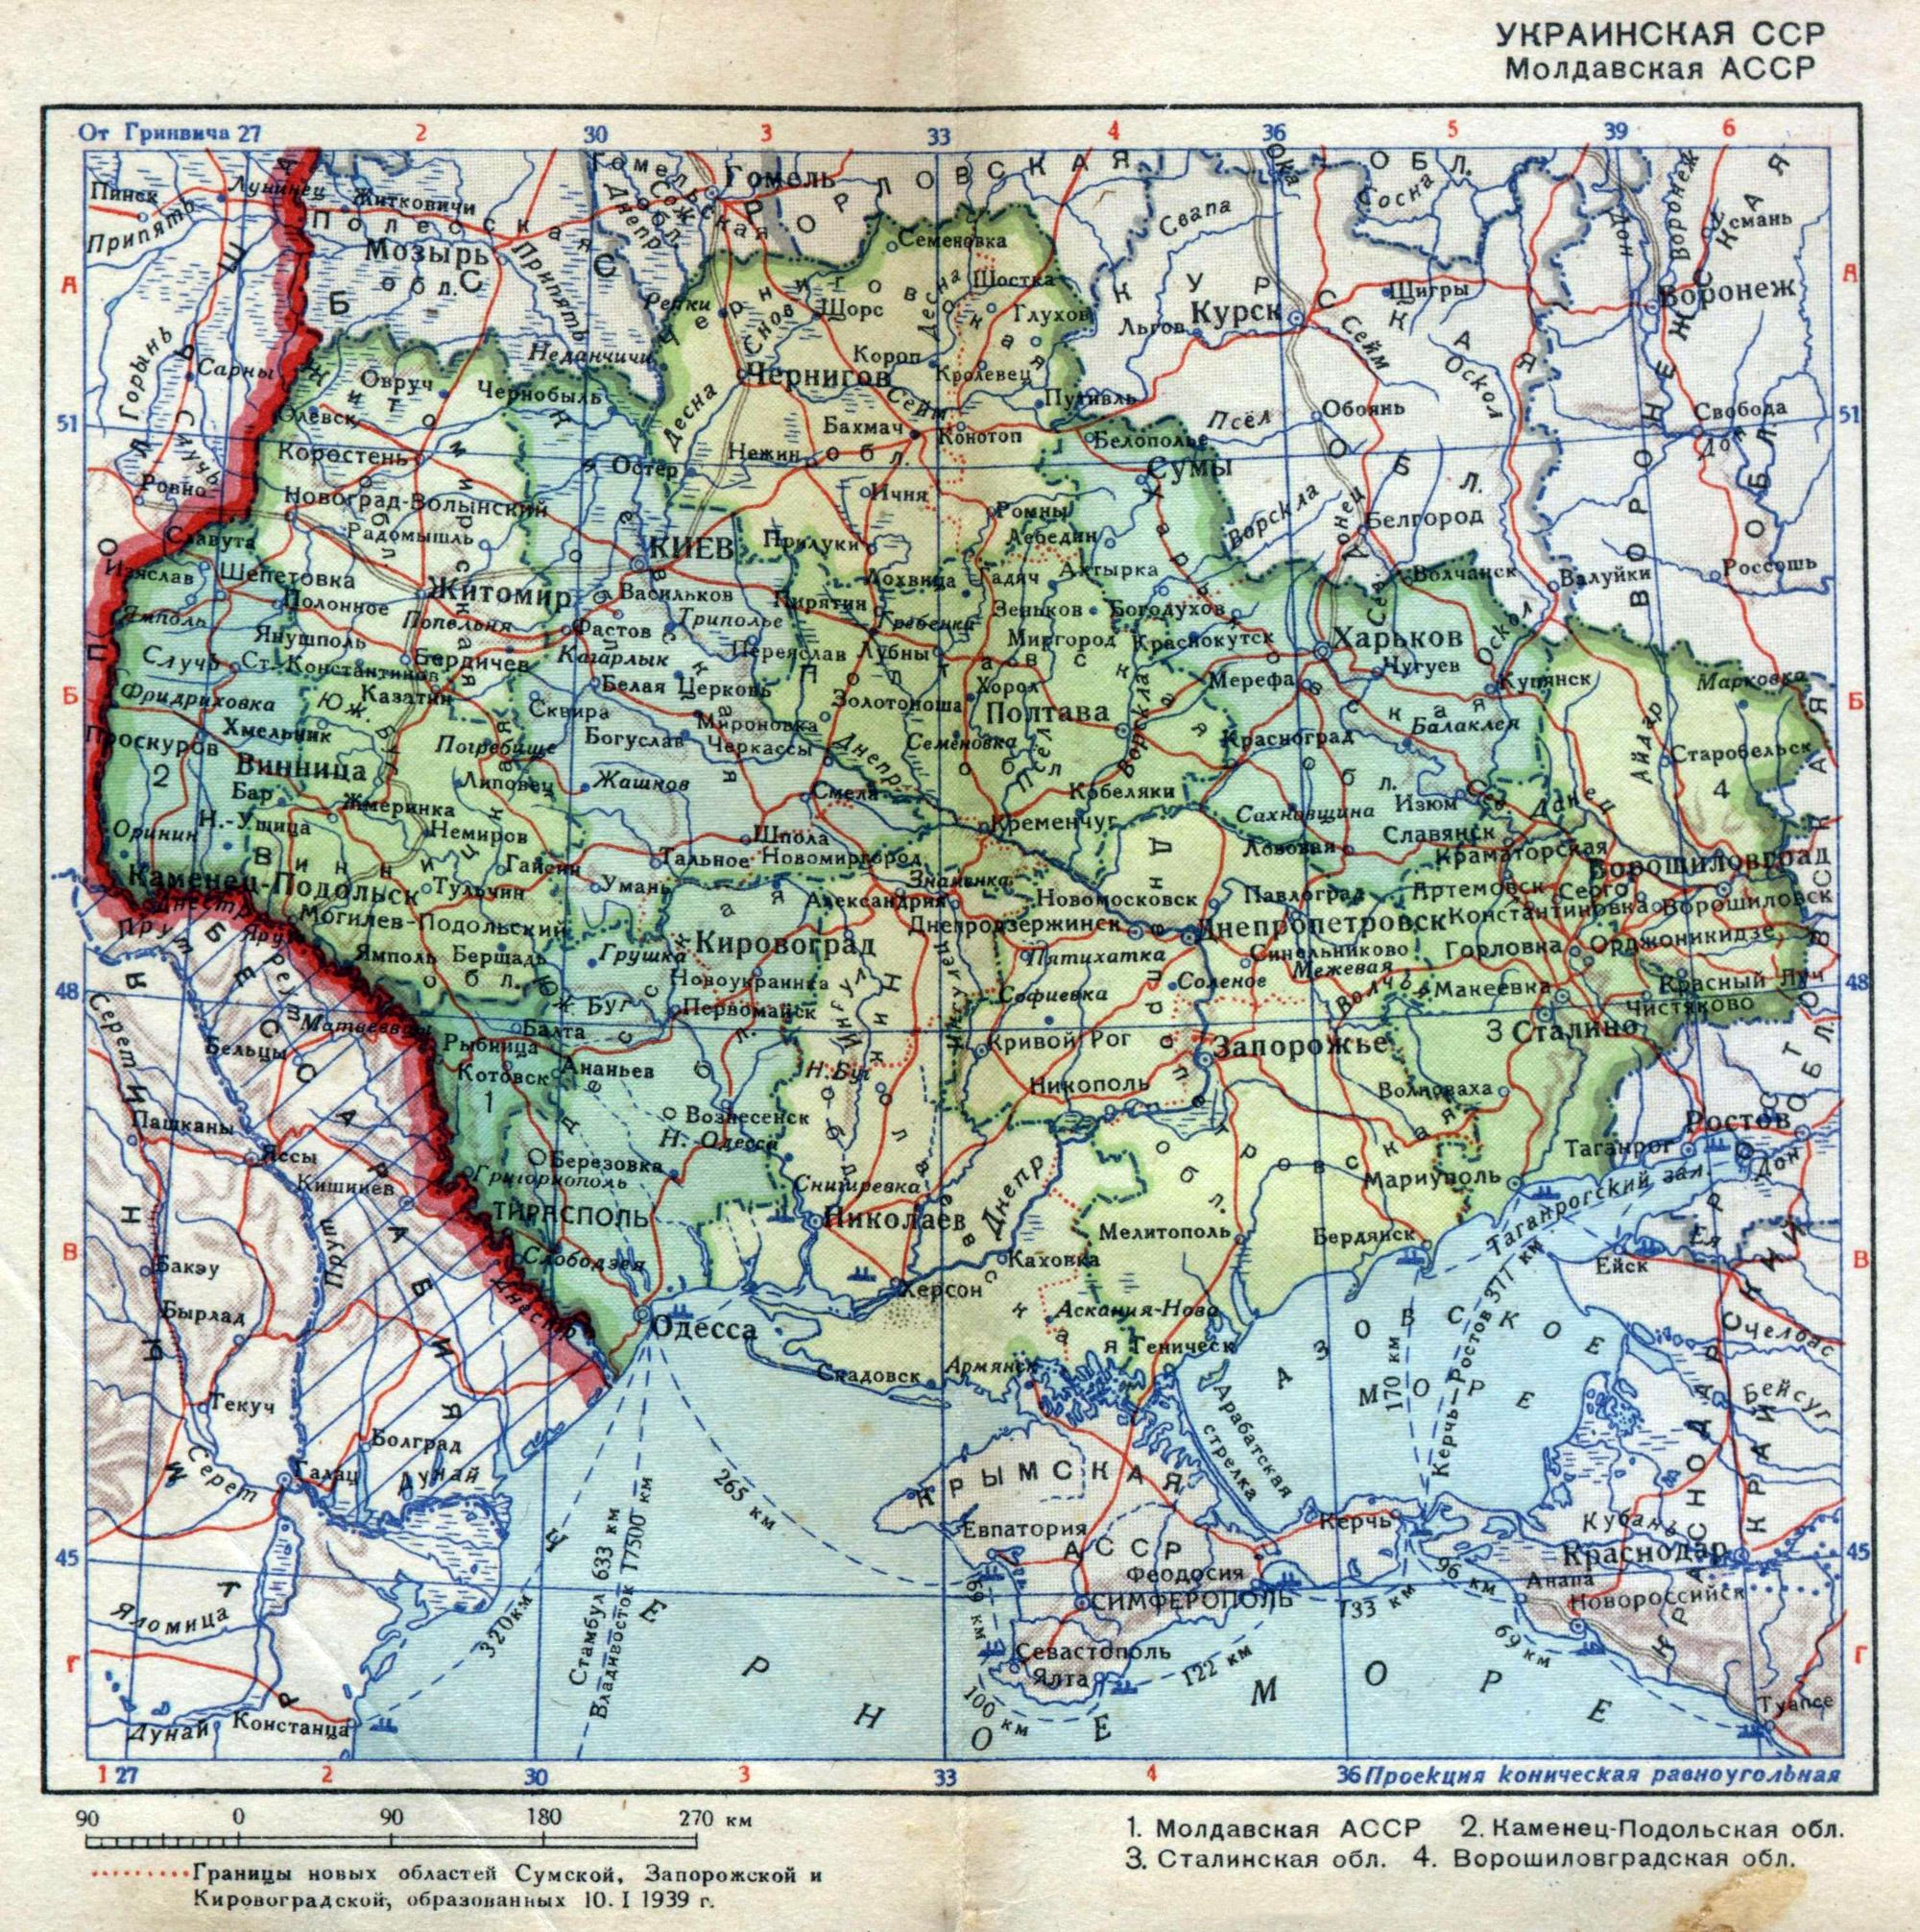 """Невизнане Придністров'я не має наміру виводити зі своєї території """"миротворчі"""" російські війська - Цензор.НЕТ 7353"""